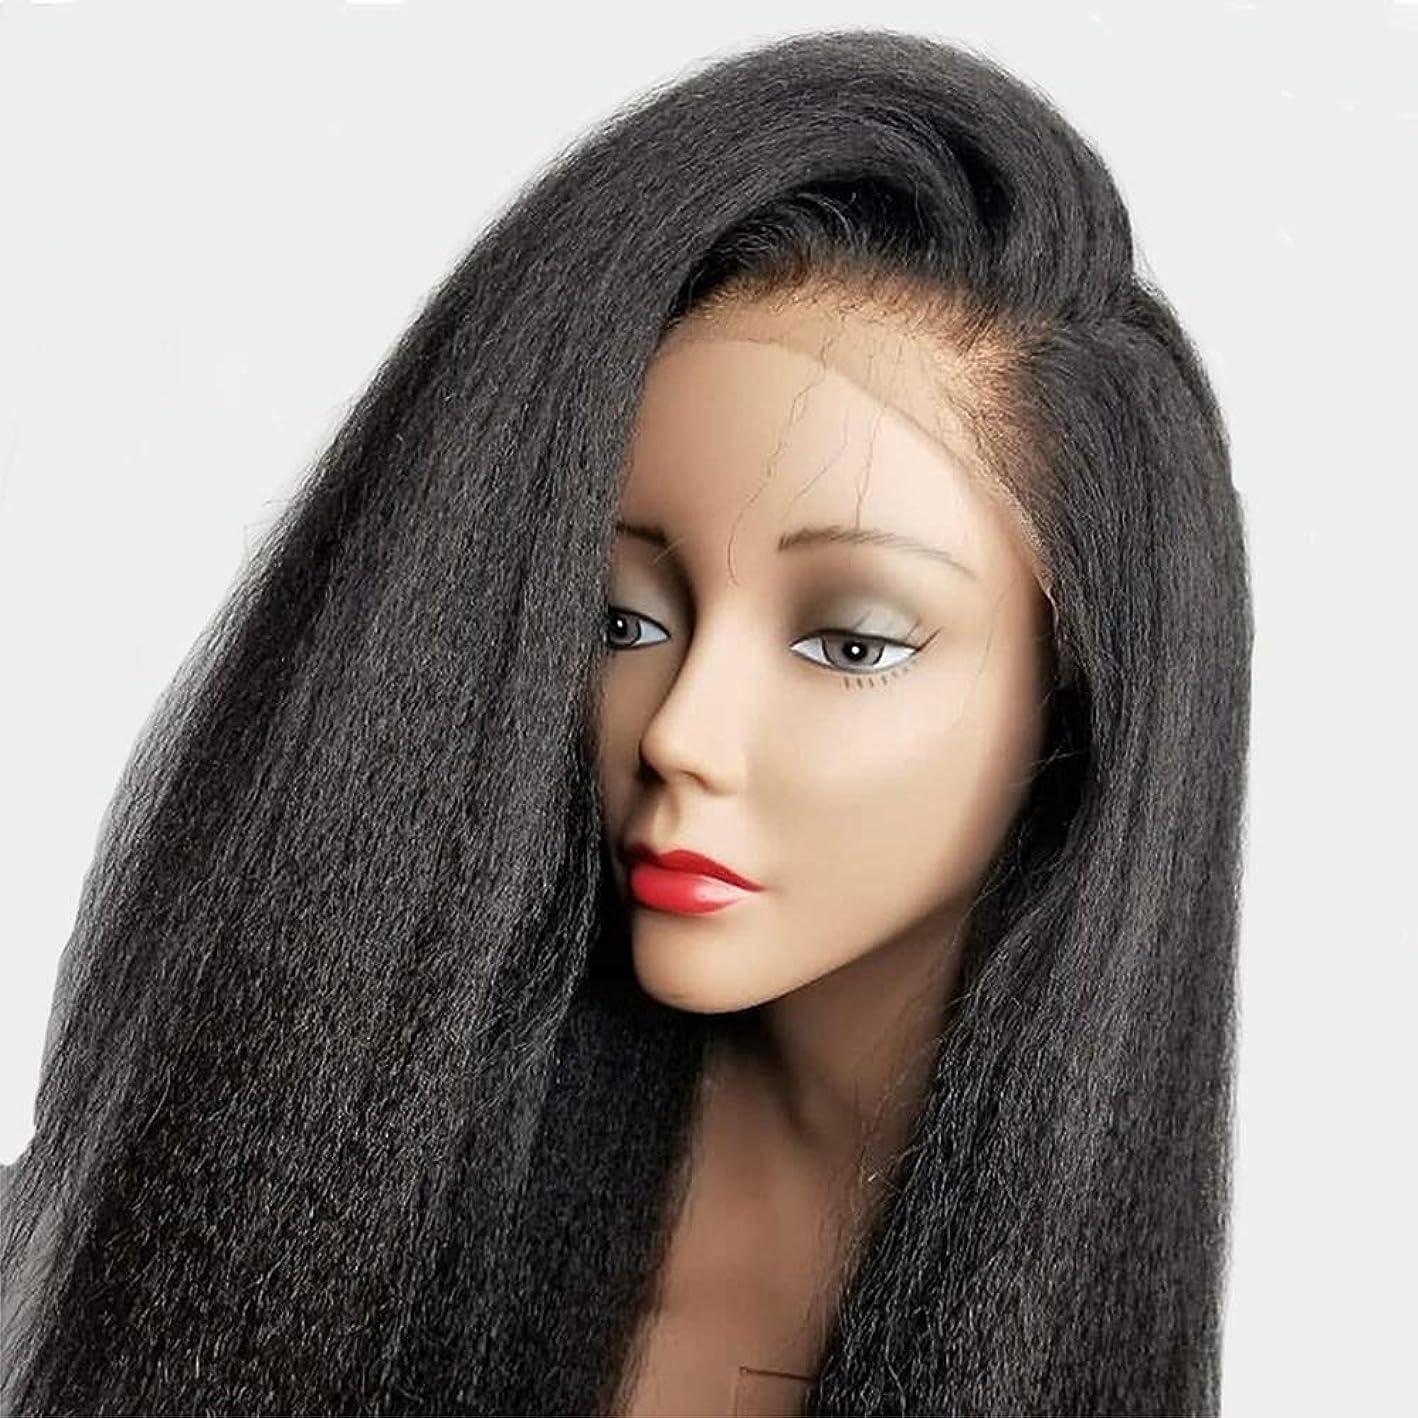 独立して肥満ミット女性ストレートヘアレース前頭かつらブラジルバージン人間の髪赤ちゃんの髪の合成ナチュラルブラック24インチ